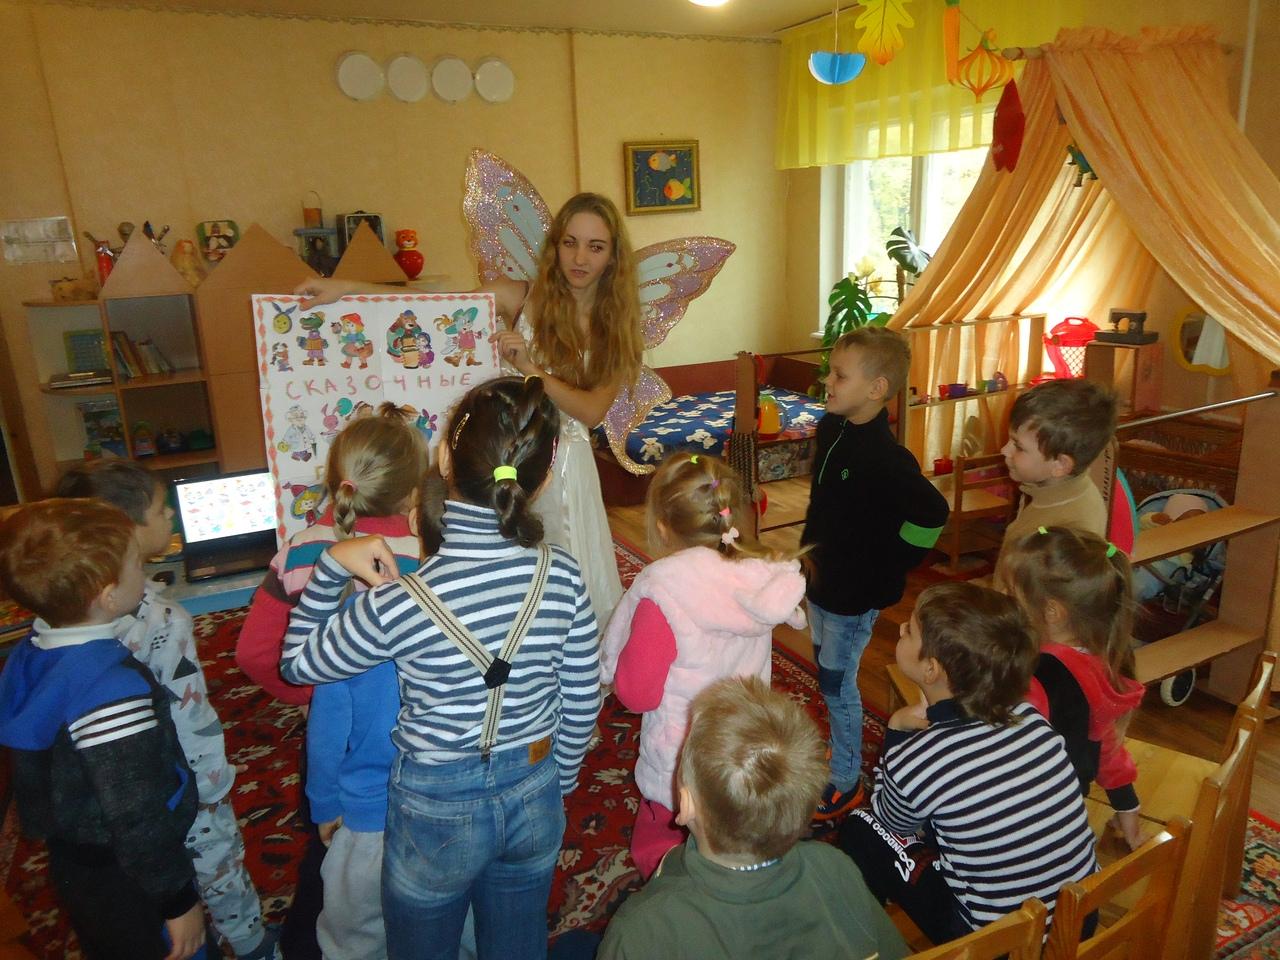 донецкая республиканская библиотека для детей, отдел организации досуга для детей,  с библиотекой интересно, занятия с малышами, сказкотерапия